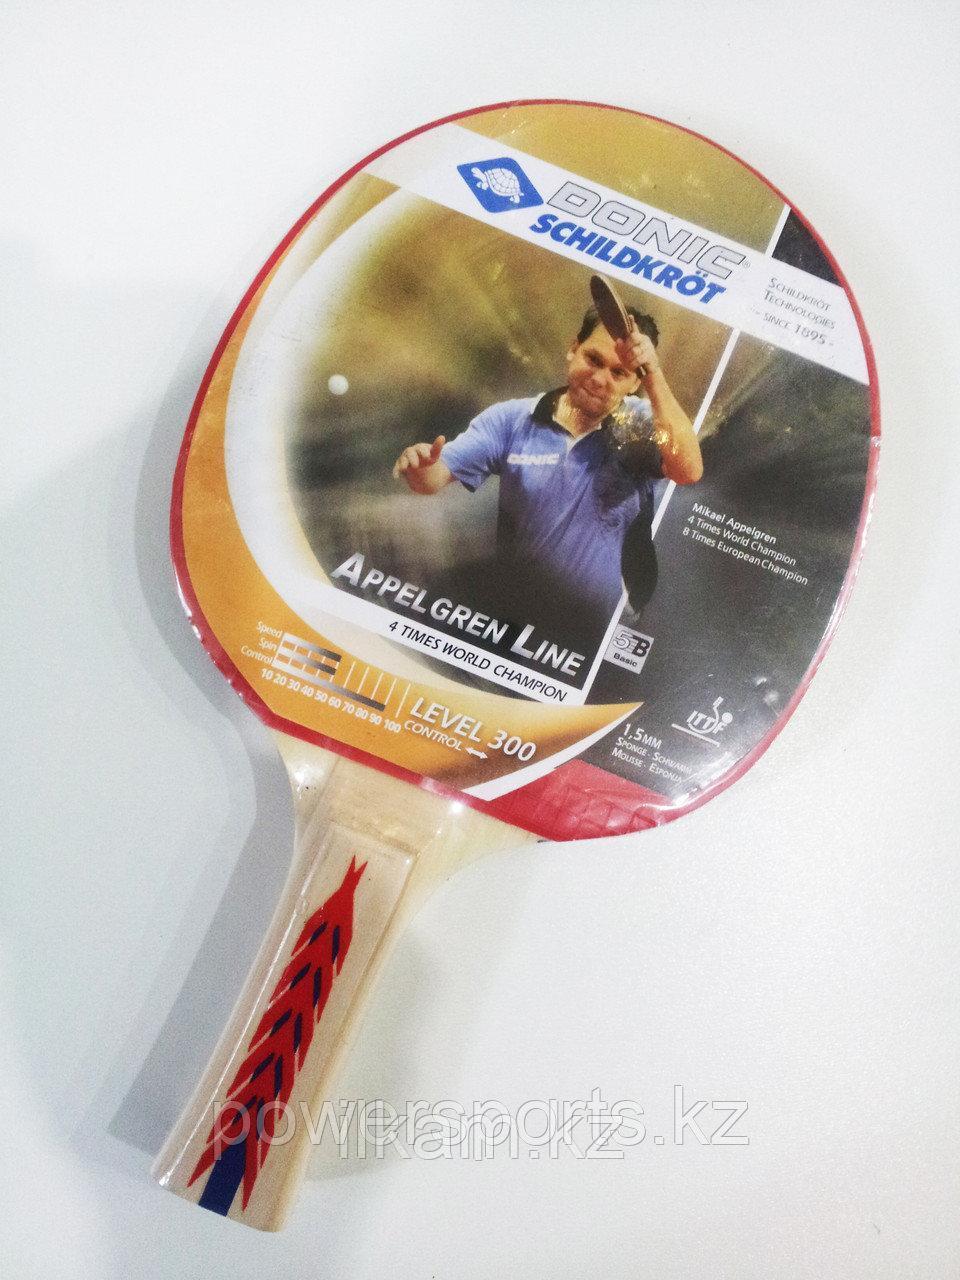 Ракетки для настольного тенниса Donic 300